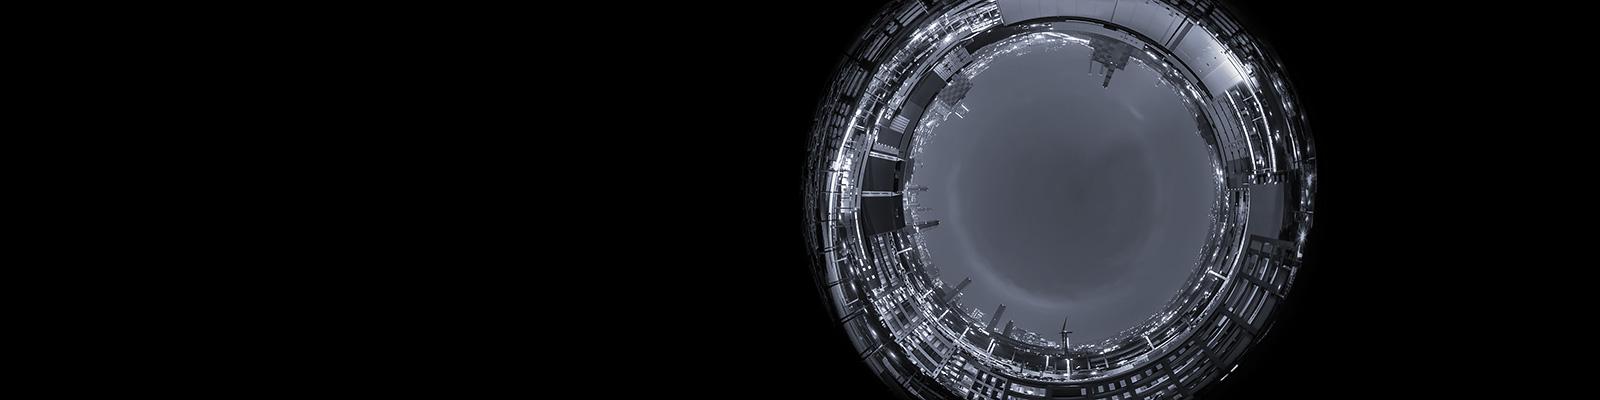 工場 セキュリティー スマートファクトリー イメージ